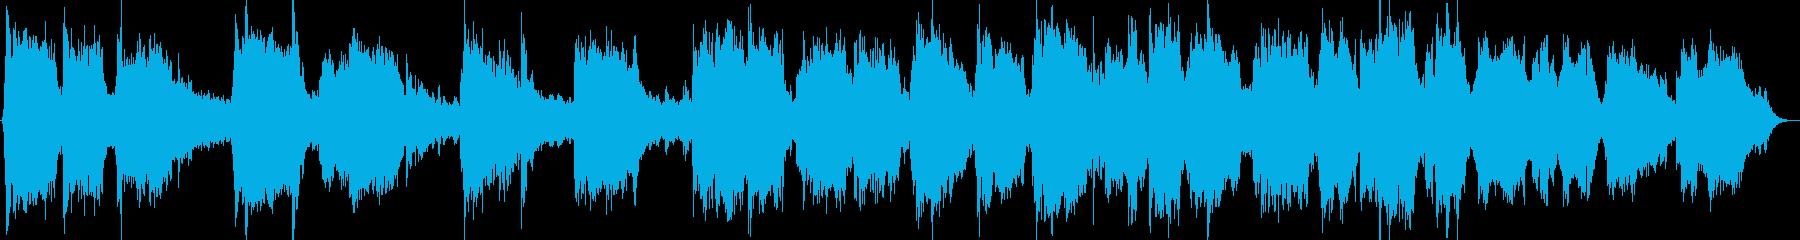 笛とピアノのヒーリング音楽の再生済みの波形